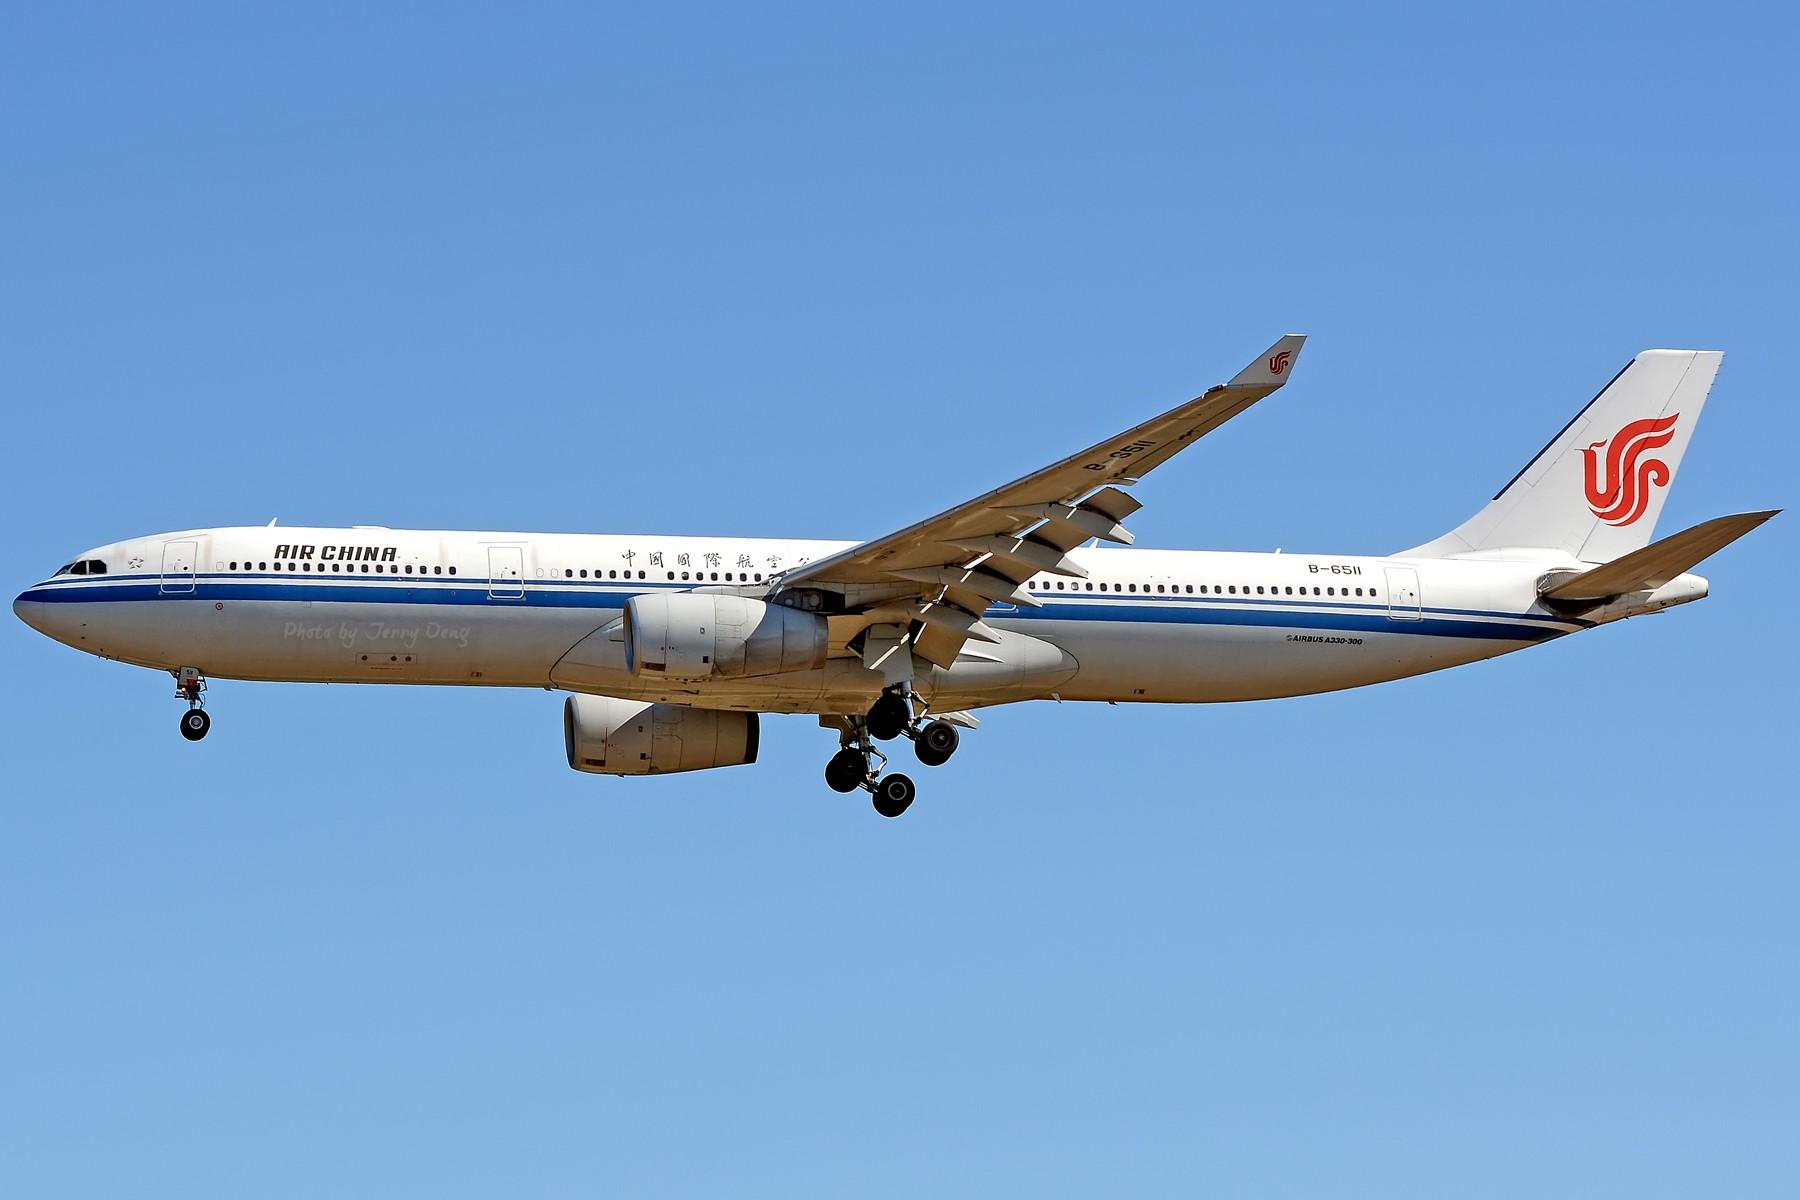 Re:[原创]【多图党】PEK落地一组国航系【2】 AIRBUS A330-300 B-6511 中国北京首都国际机场